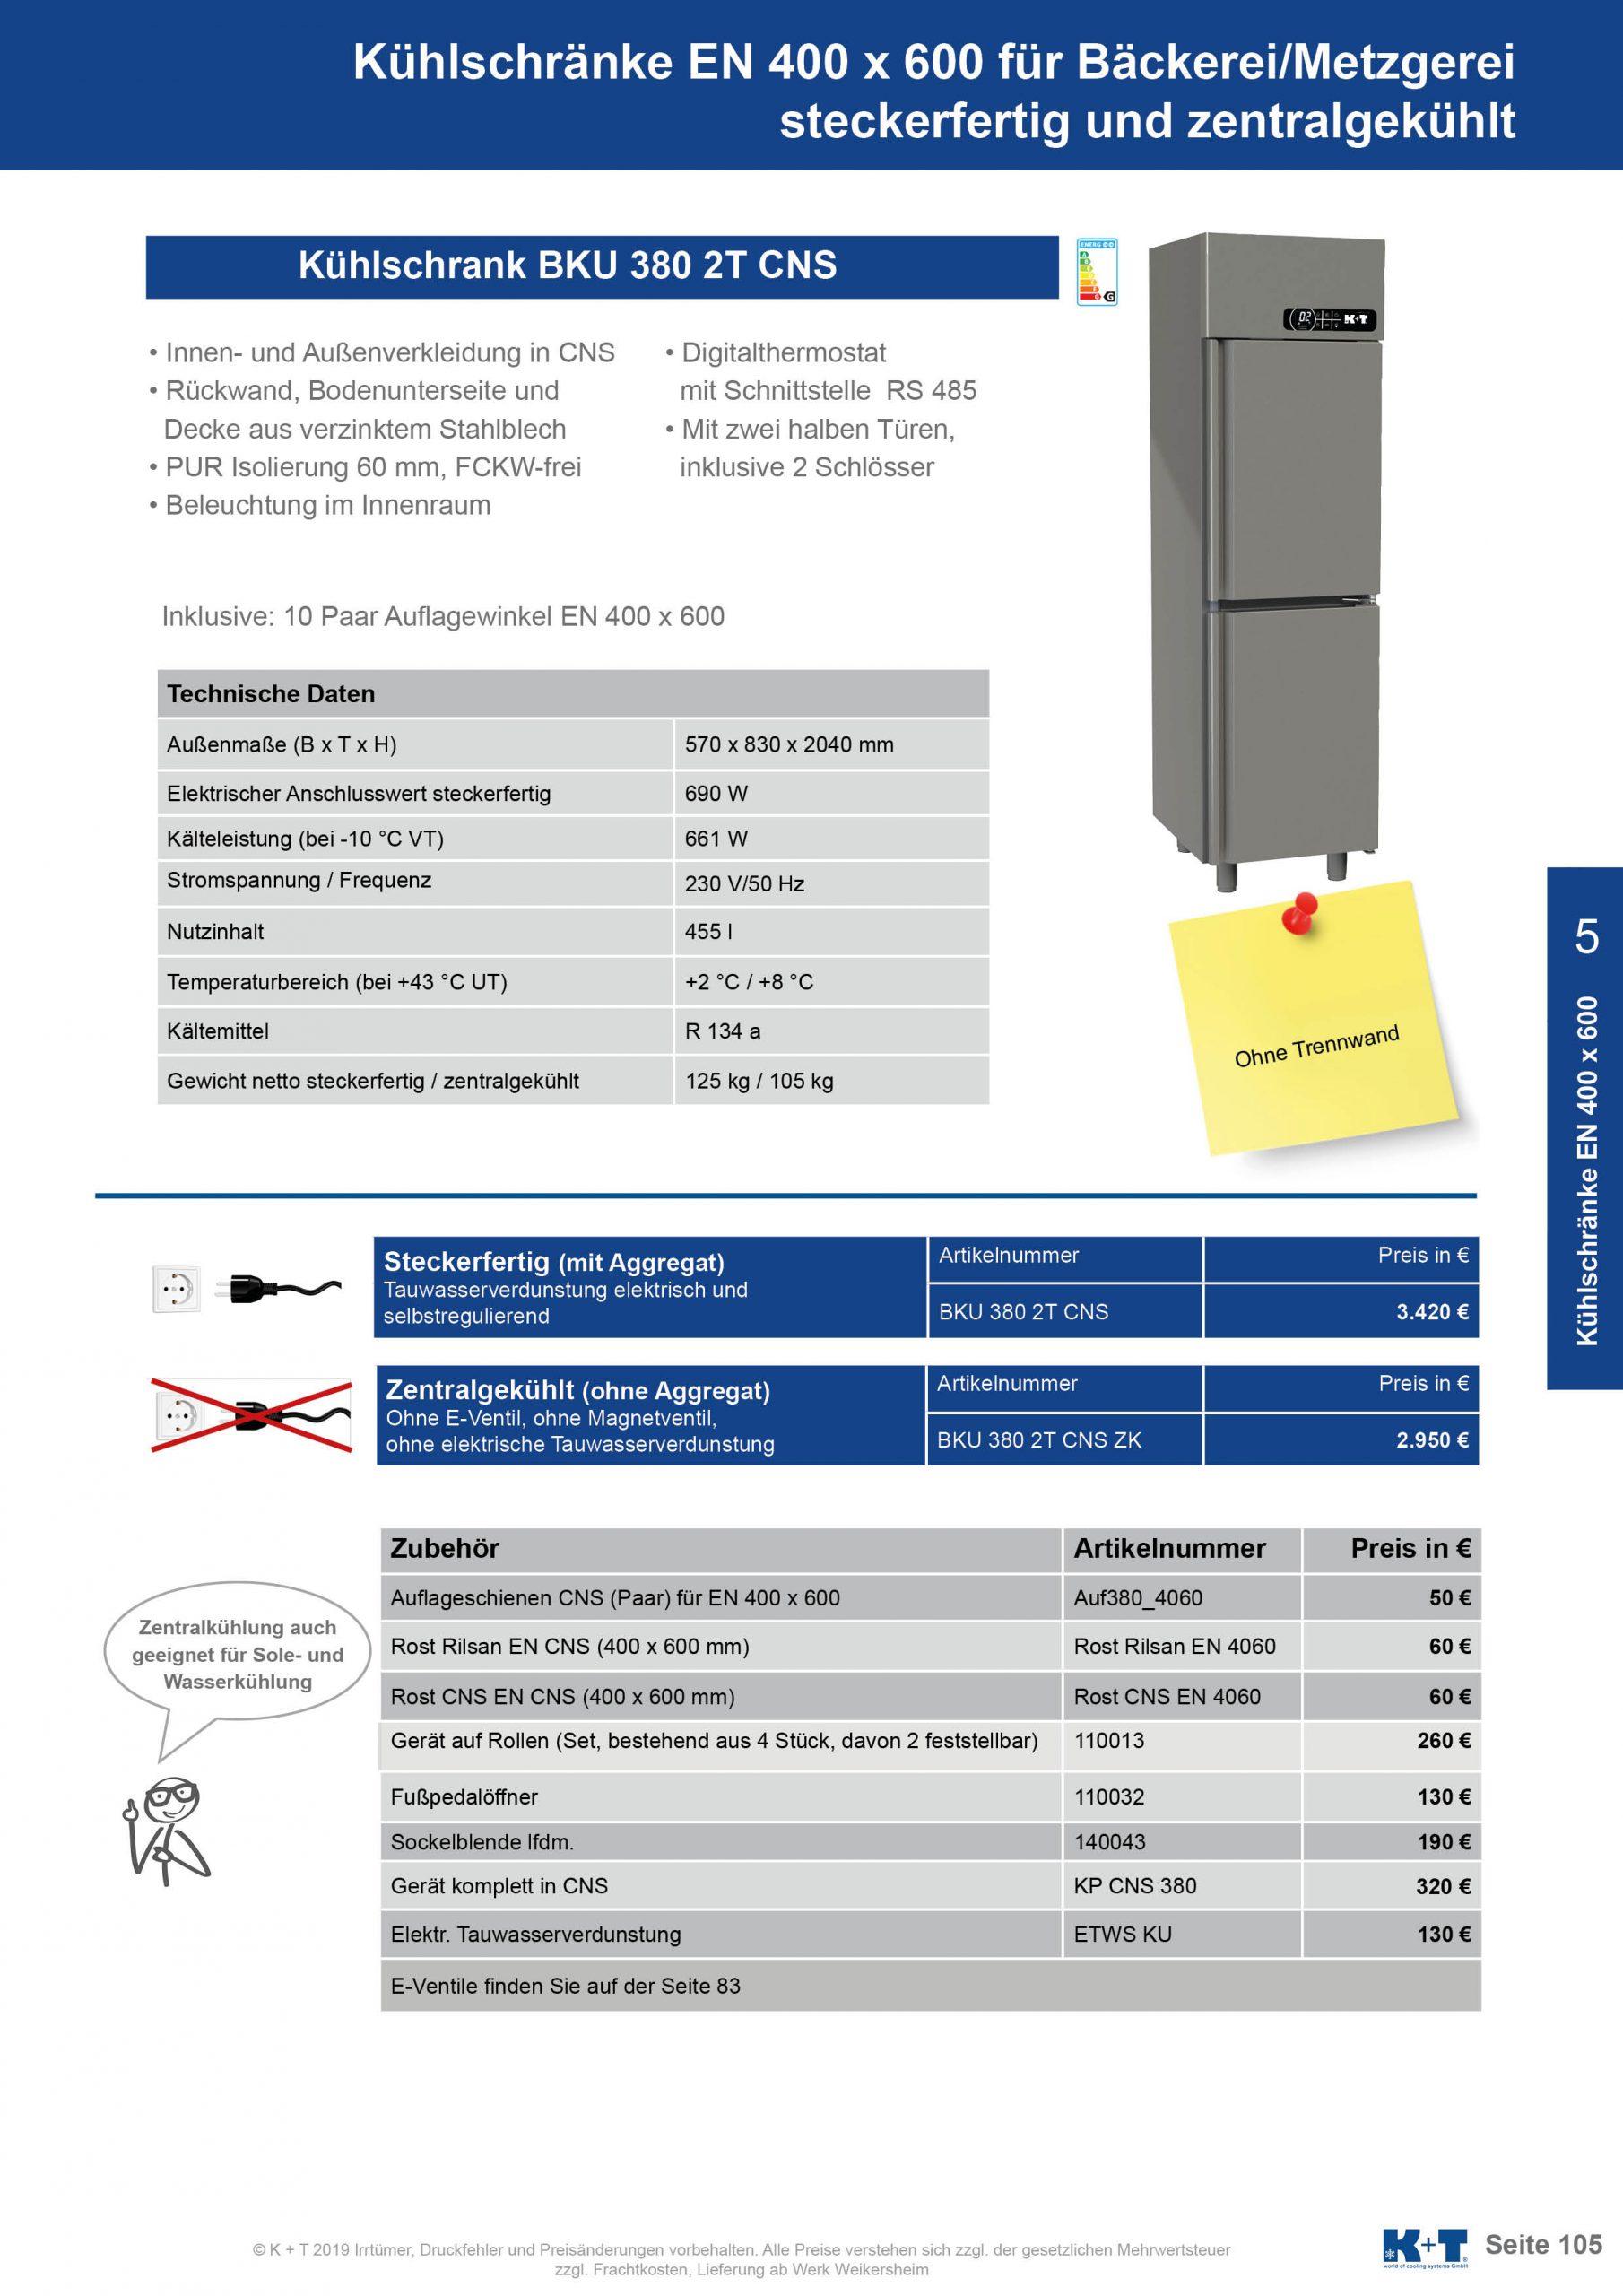 Kühlschränke Euronorm 400 x 600 Kühlschrank mit 2 halben Türen steckerfertig